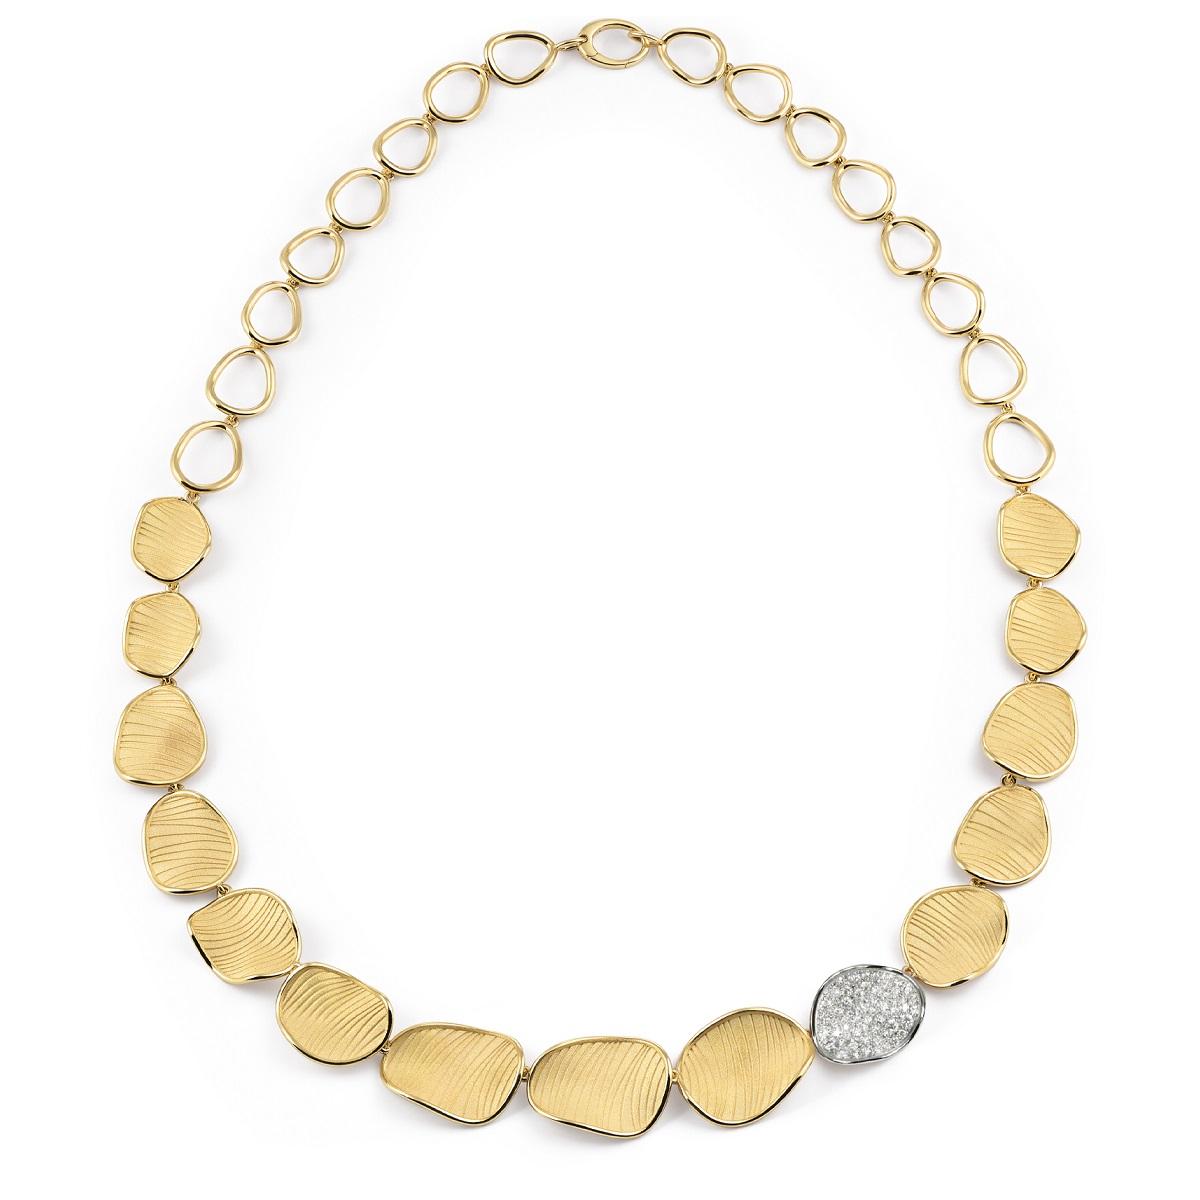 Annamaria Cammilli Velvet Collier aus Gelb- und Weißgold mit Brillanten